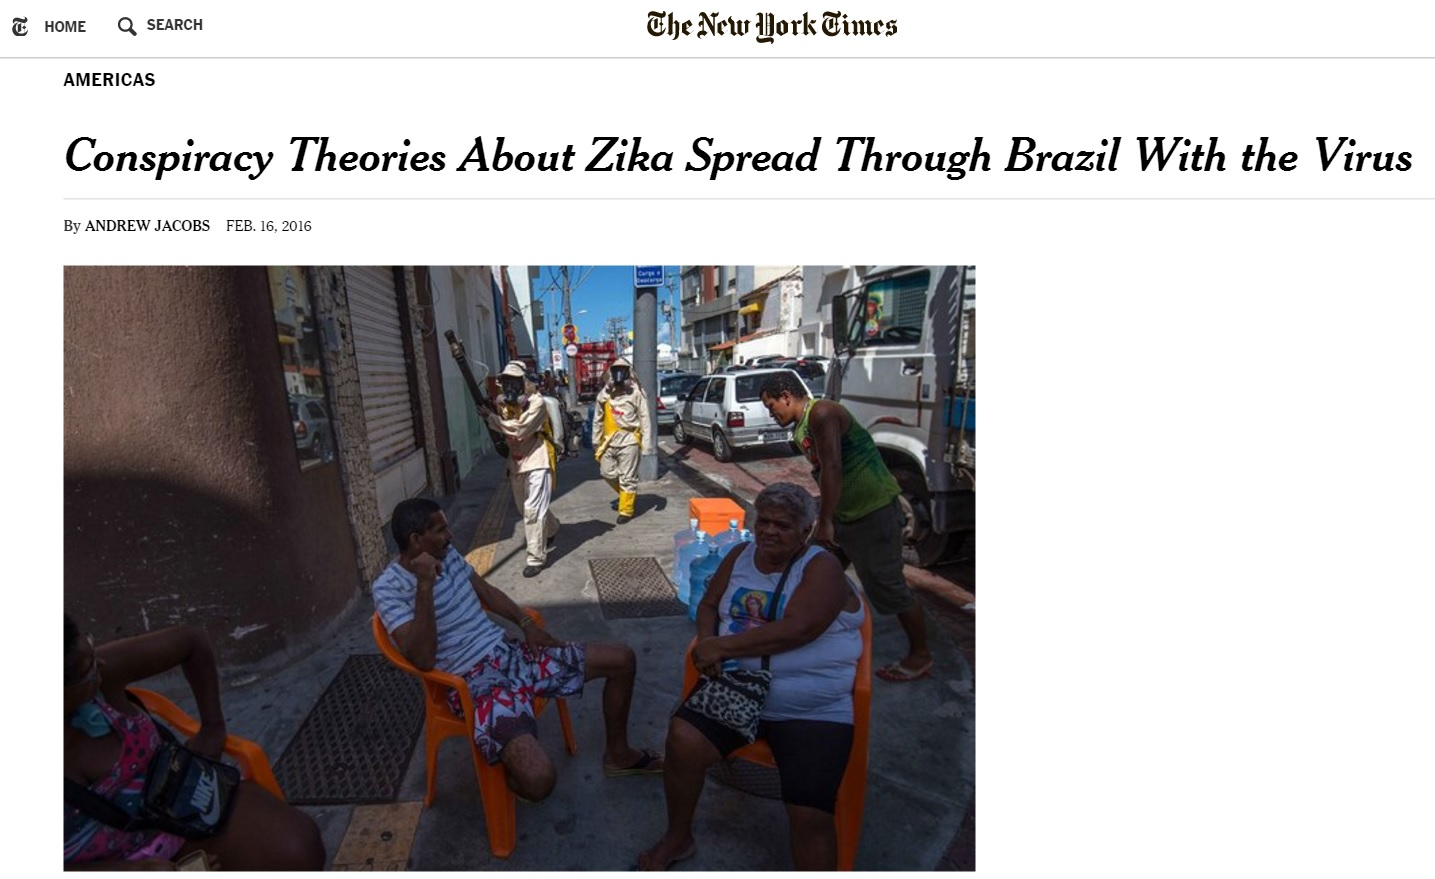 Teorias da conspiração e histeria se propagam com o zika, diz 'New York Times'